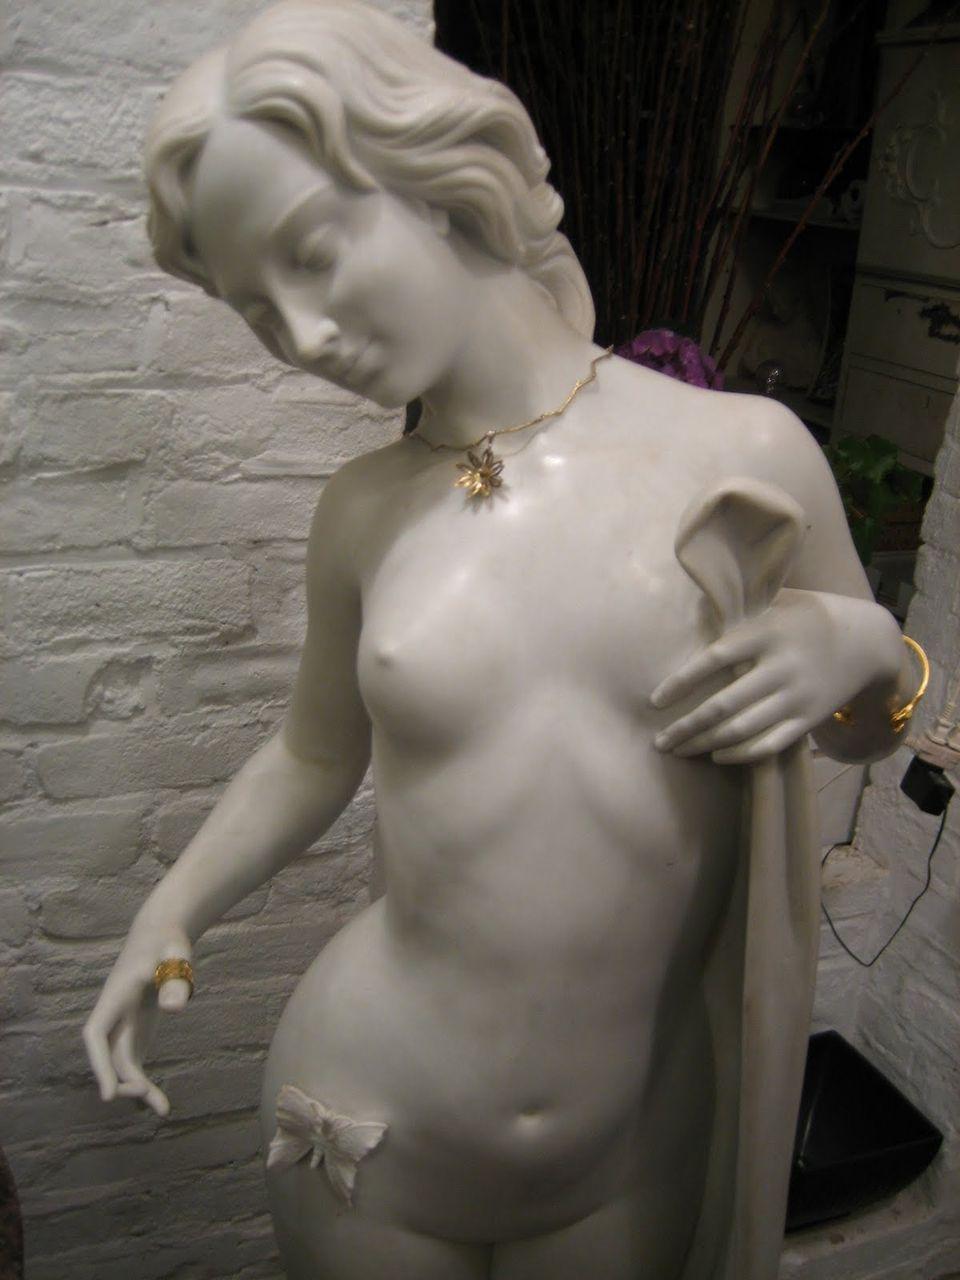 彫刻 銅像 エロス 芸術 作品 エロ画像【12】